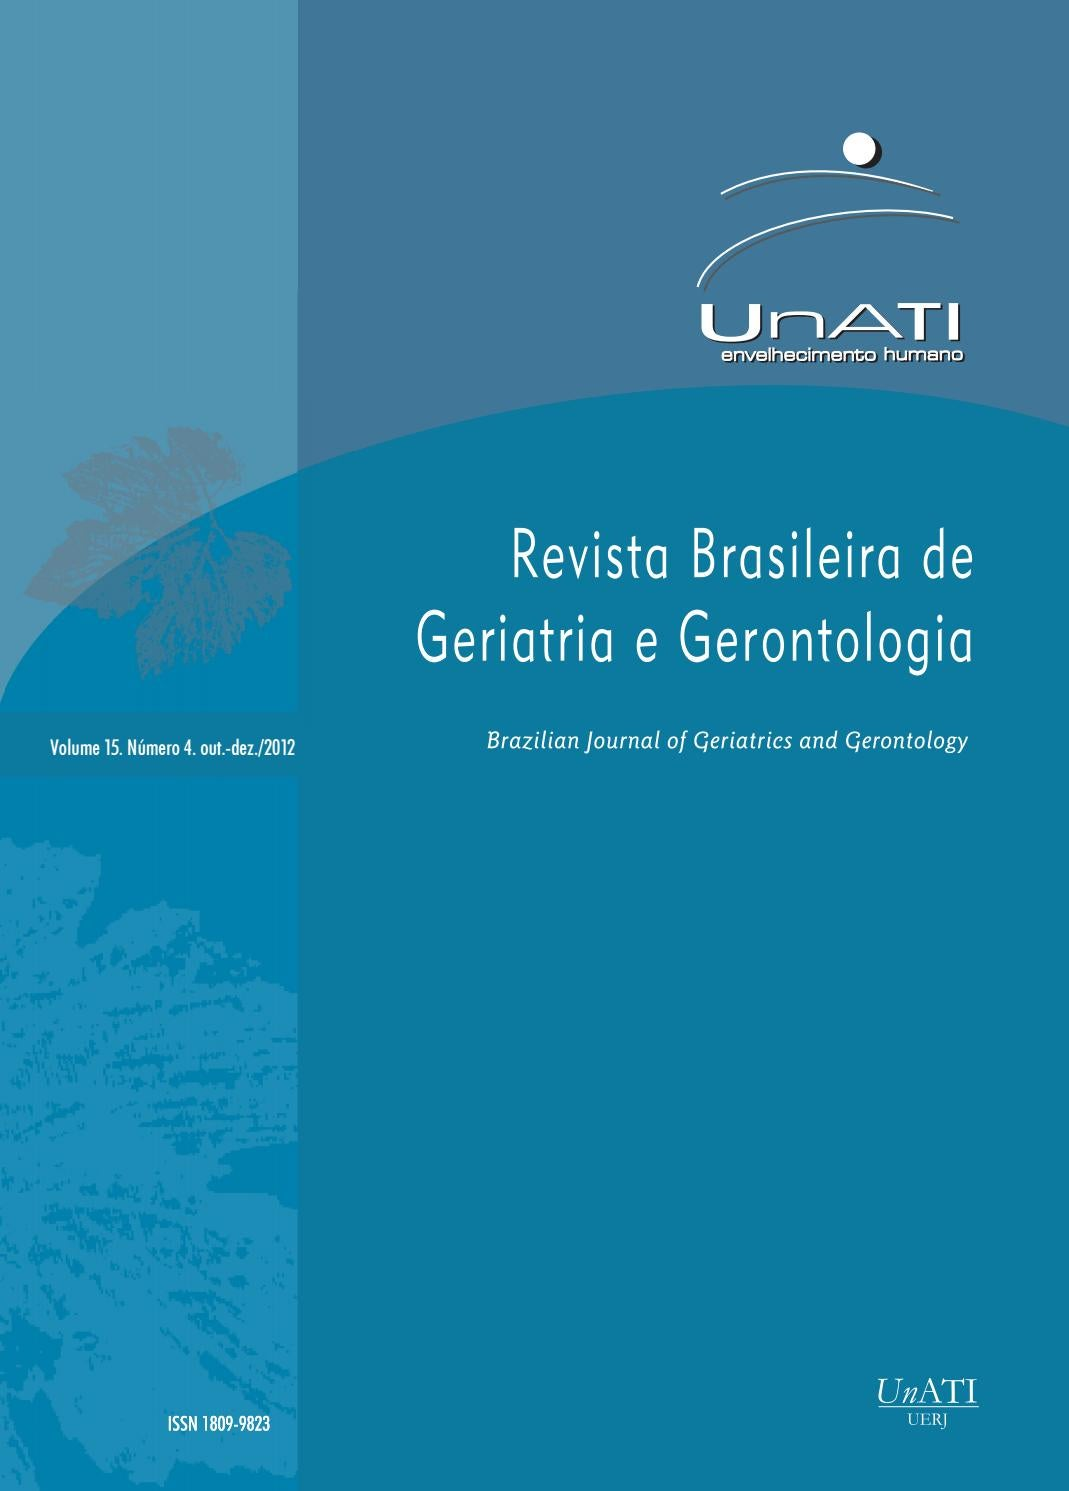 583d3e088468c RBGG Vol.15 Nº4 - Outubro   Dezembro 2012 by Revista Brasileira de  Geriatria e Gerontologia - RBGG - issuu